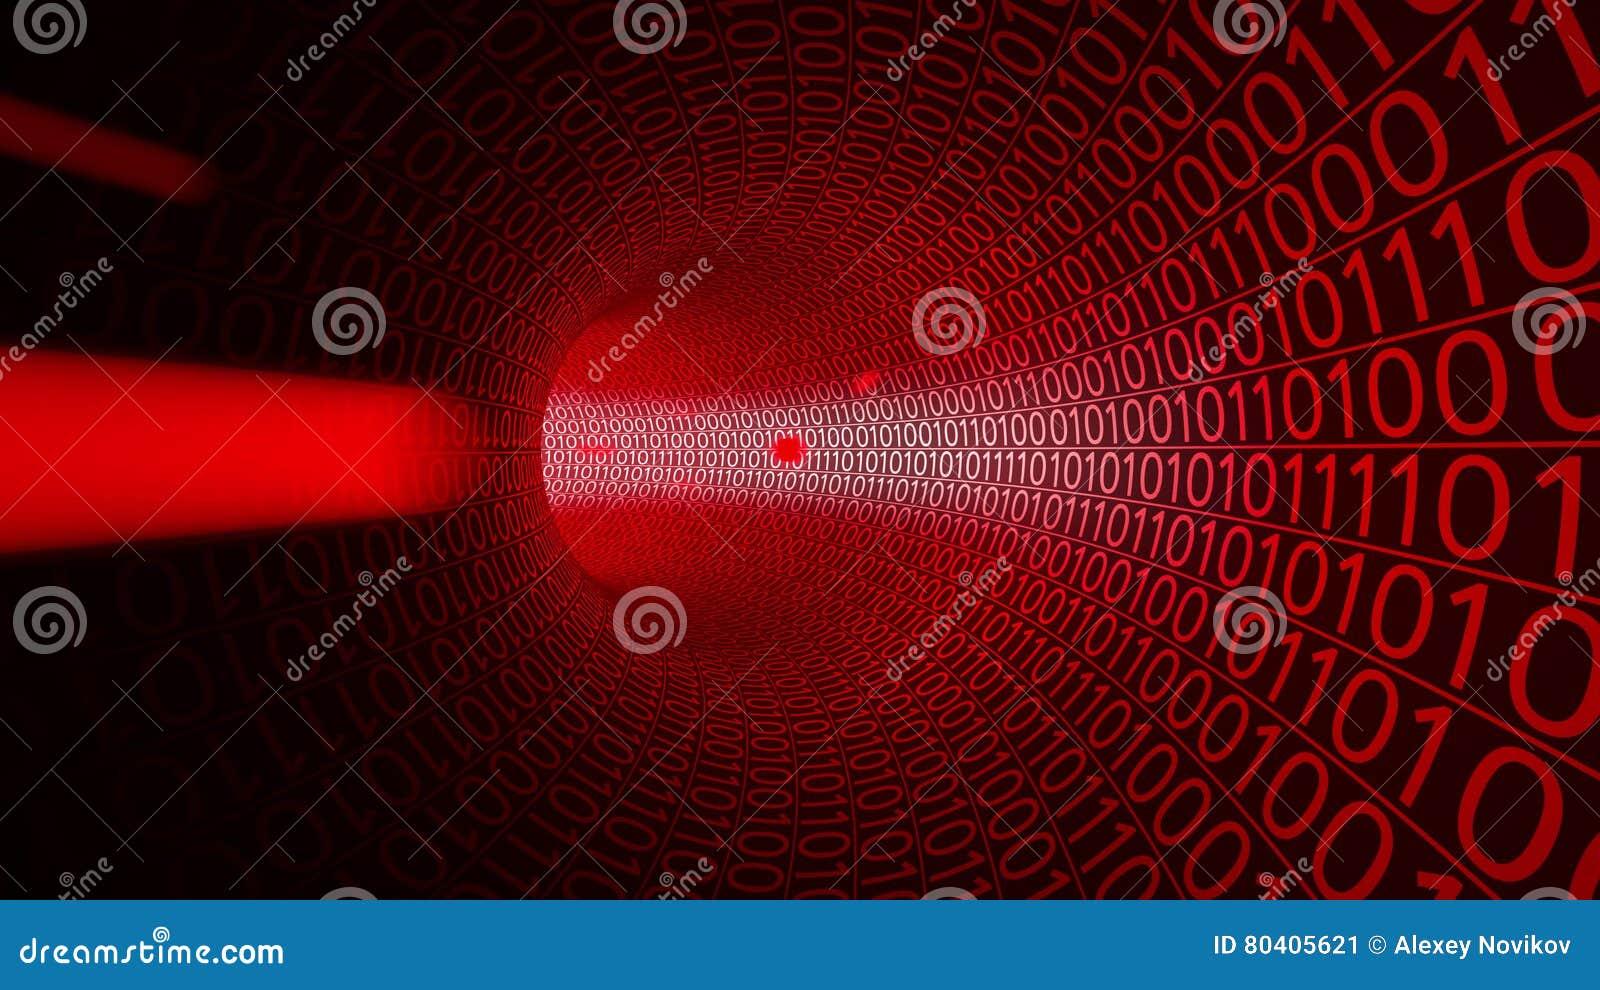 Voo do POV através do túnel vermelho abstrato feito com zero e uns Fundo alta tecnologia Theat do hacker, ataque do computador de